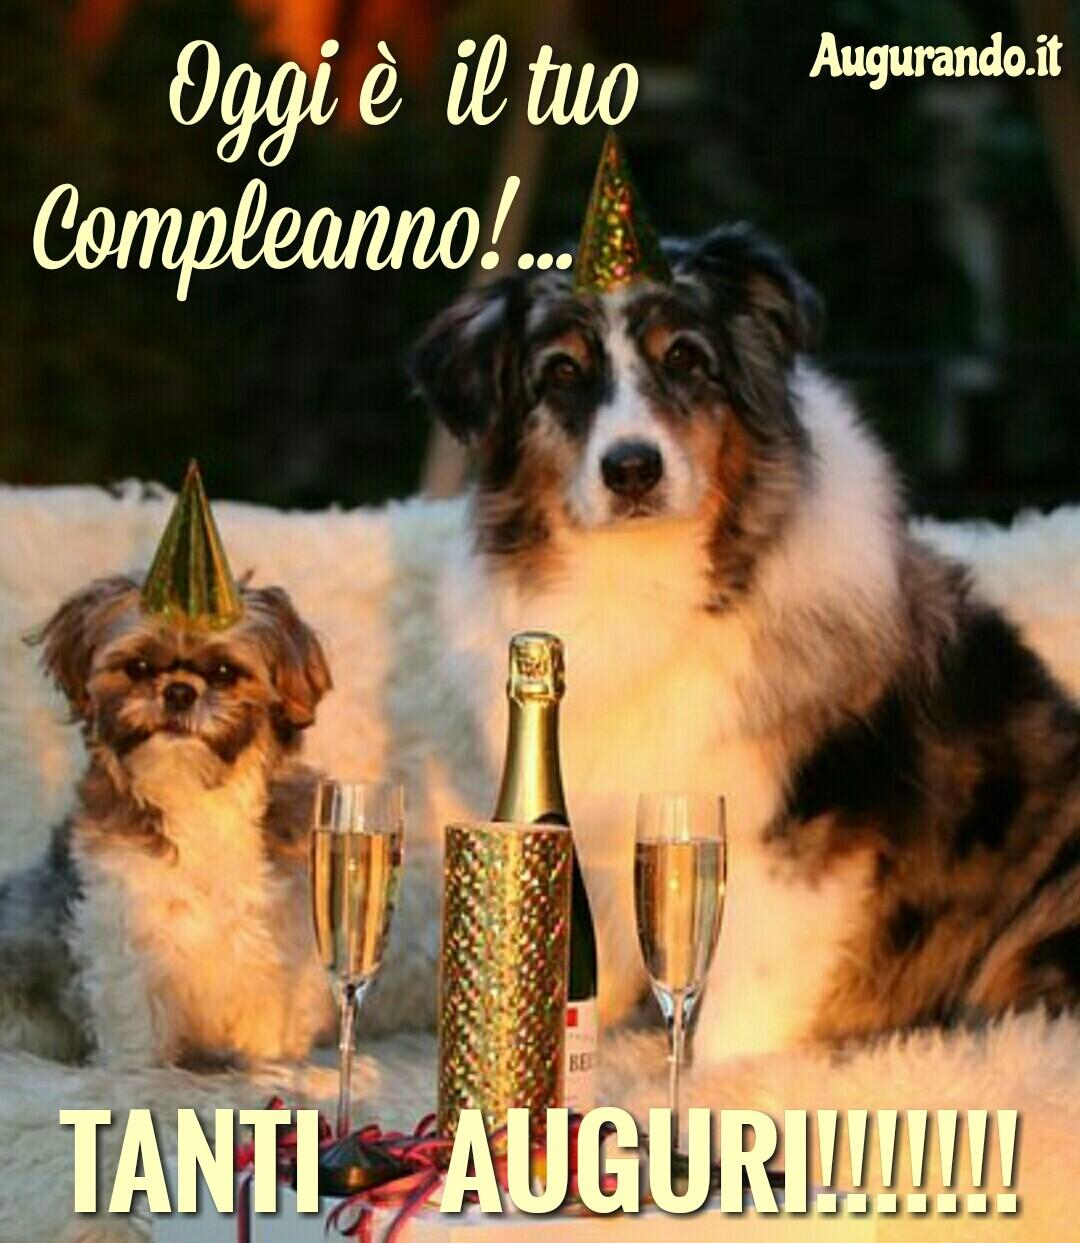 Buon compleanno, tanti auguri, compleanno, auguri, happy birthday, festa ridere, compiere gli anni,